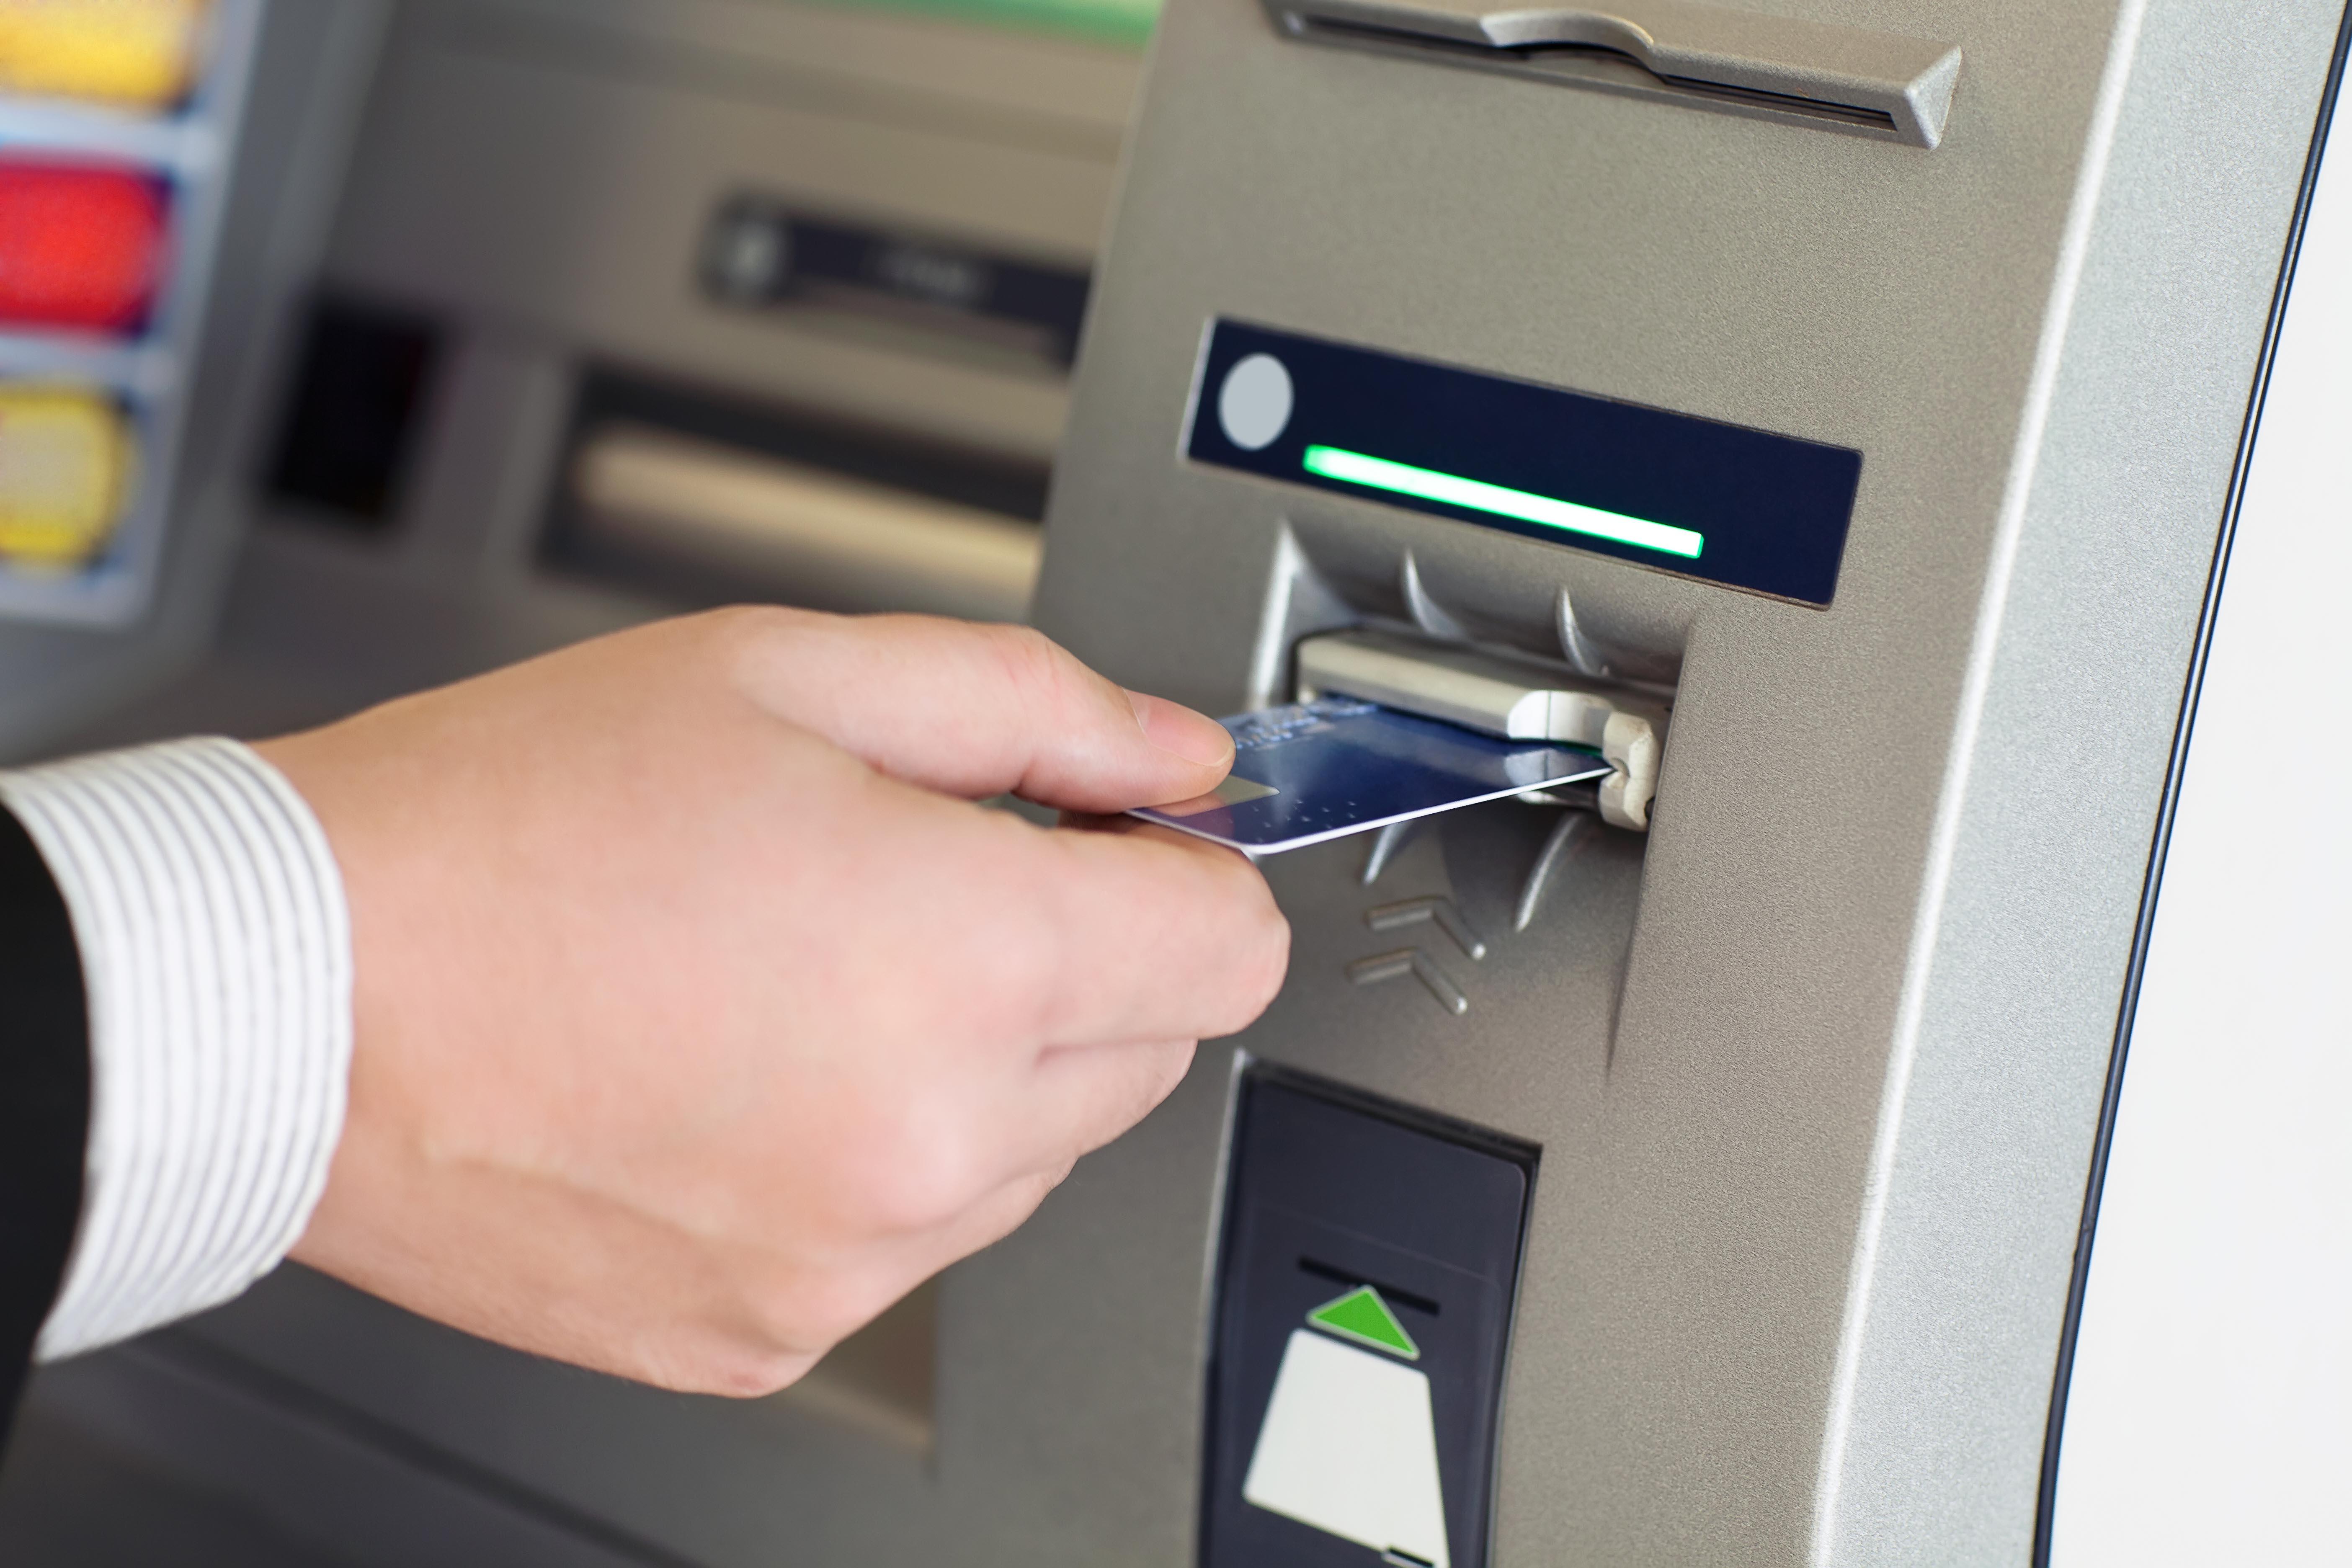 Tomar crédito pode ser a solução para quem quer investir em bens duráveis